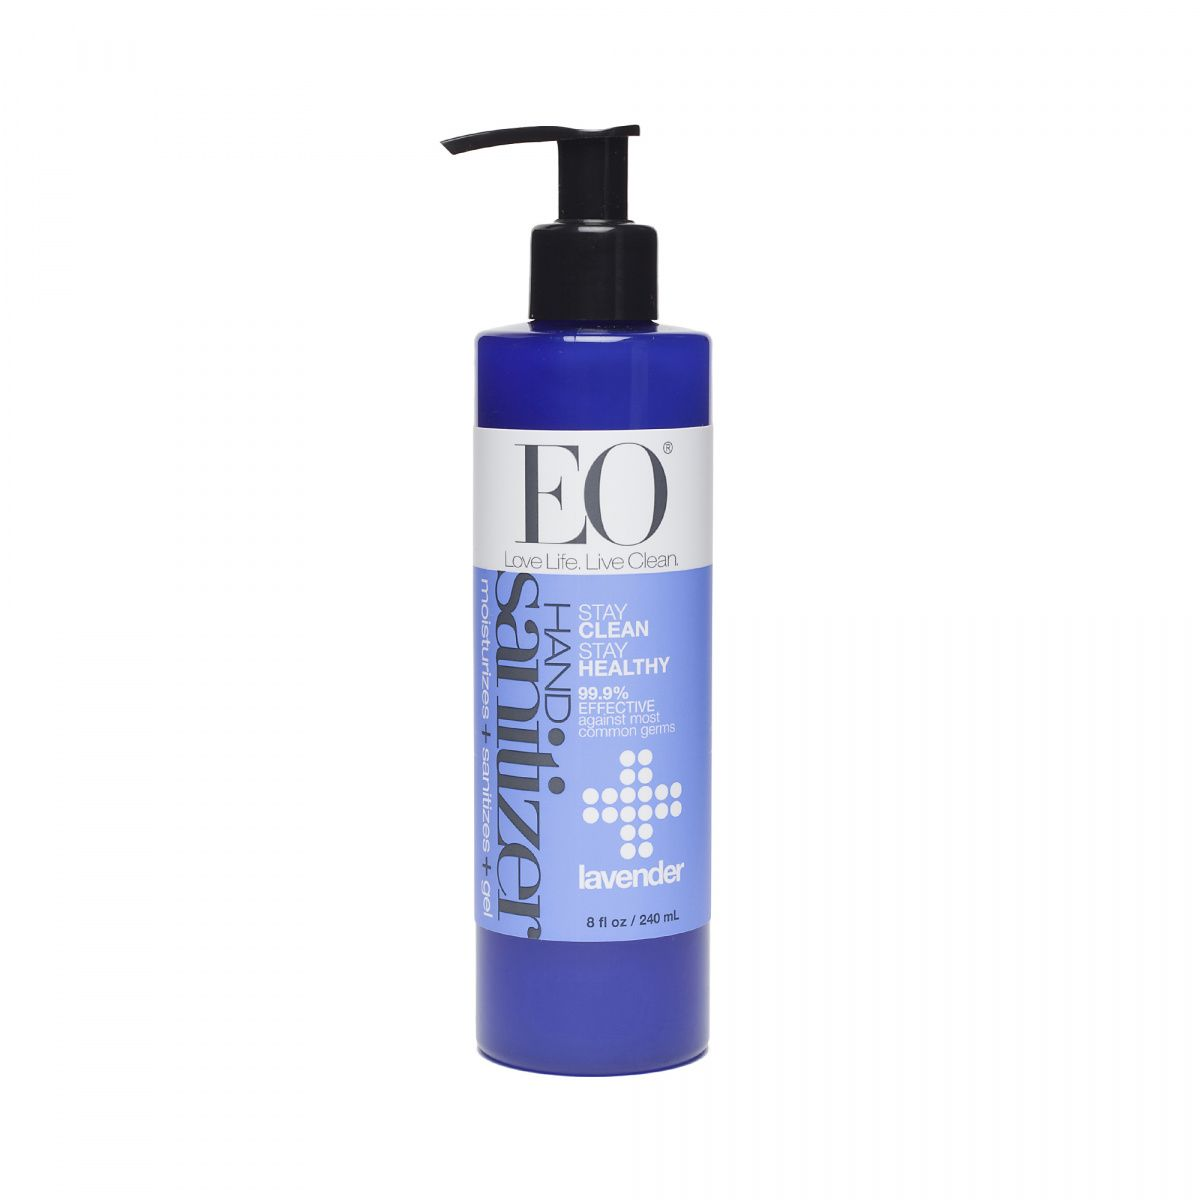 Eo Lavender Hand Sanitizer